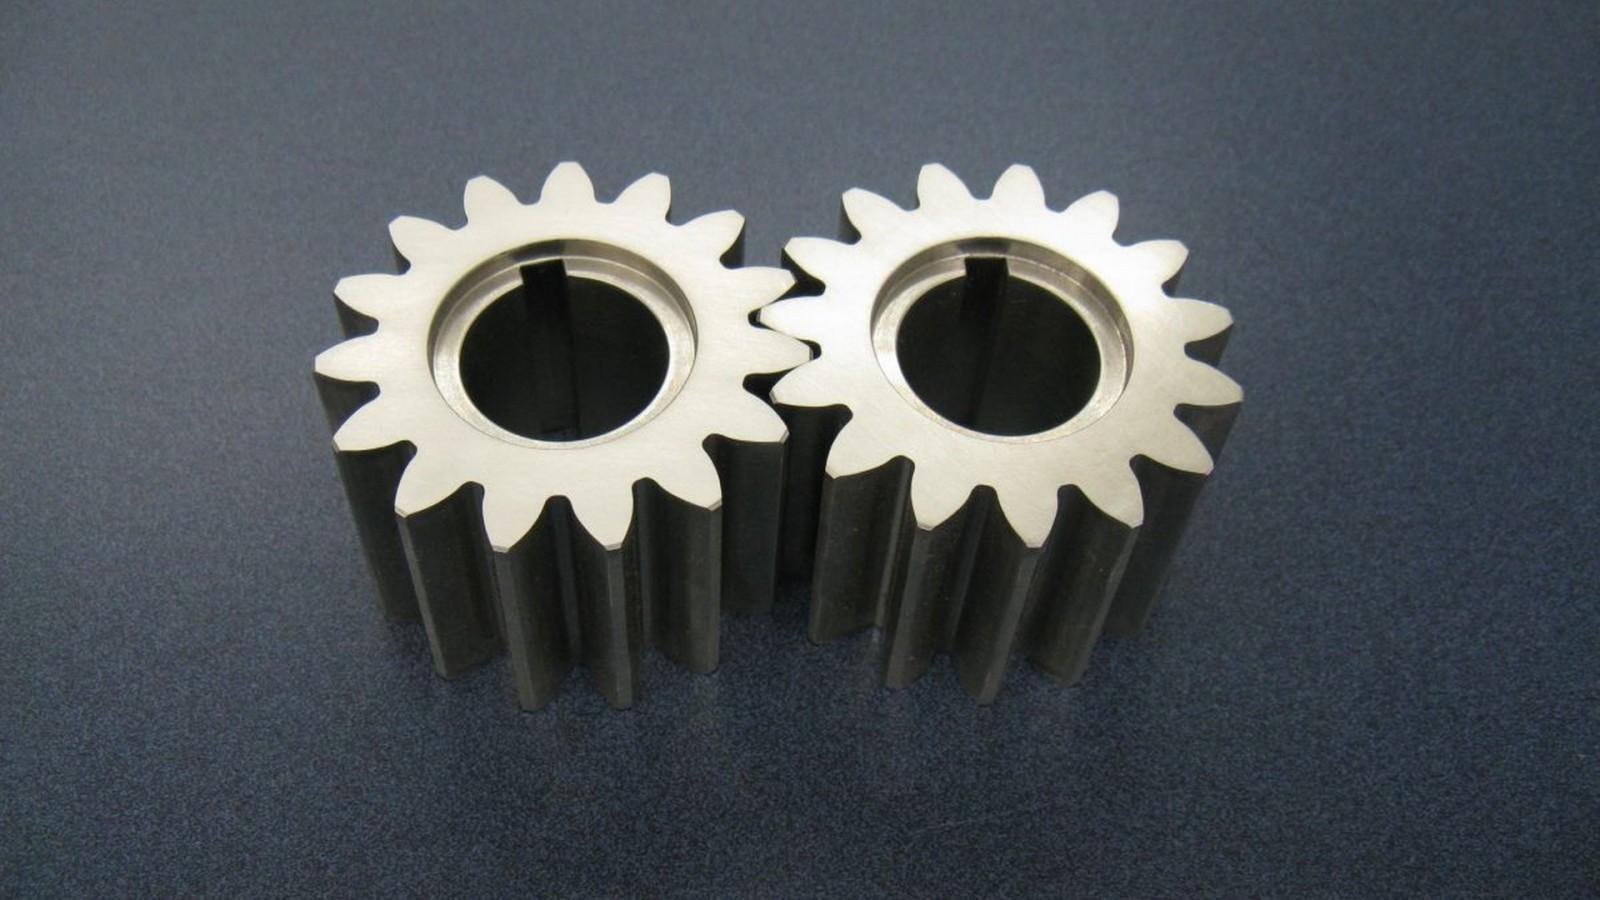 Brief Description of Gear Processing